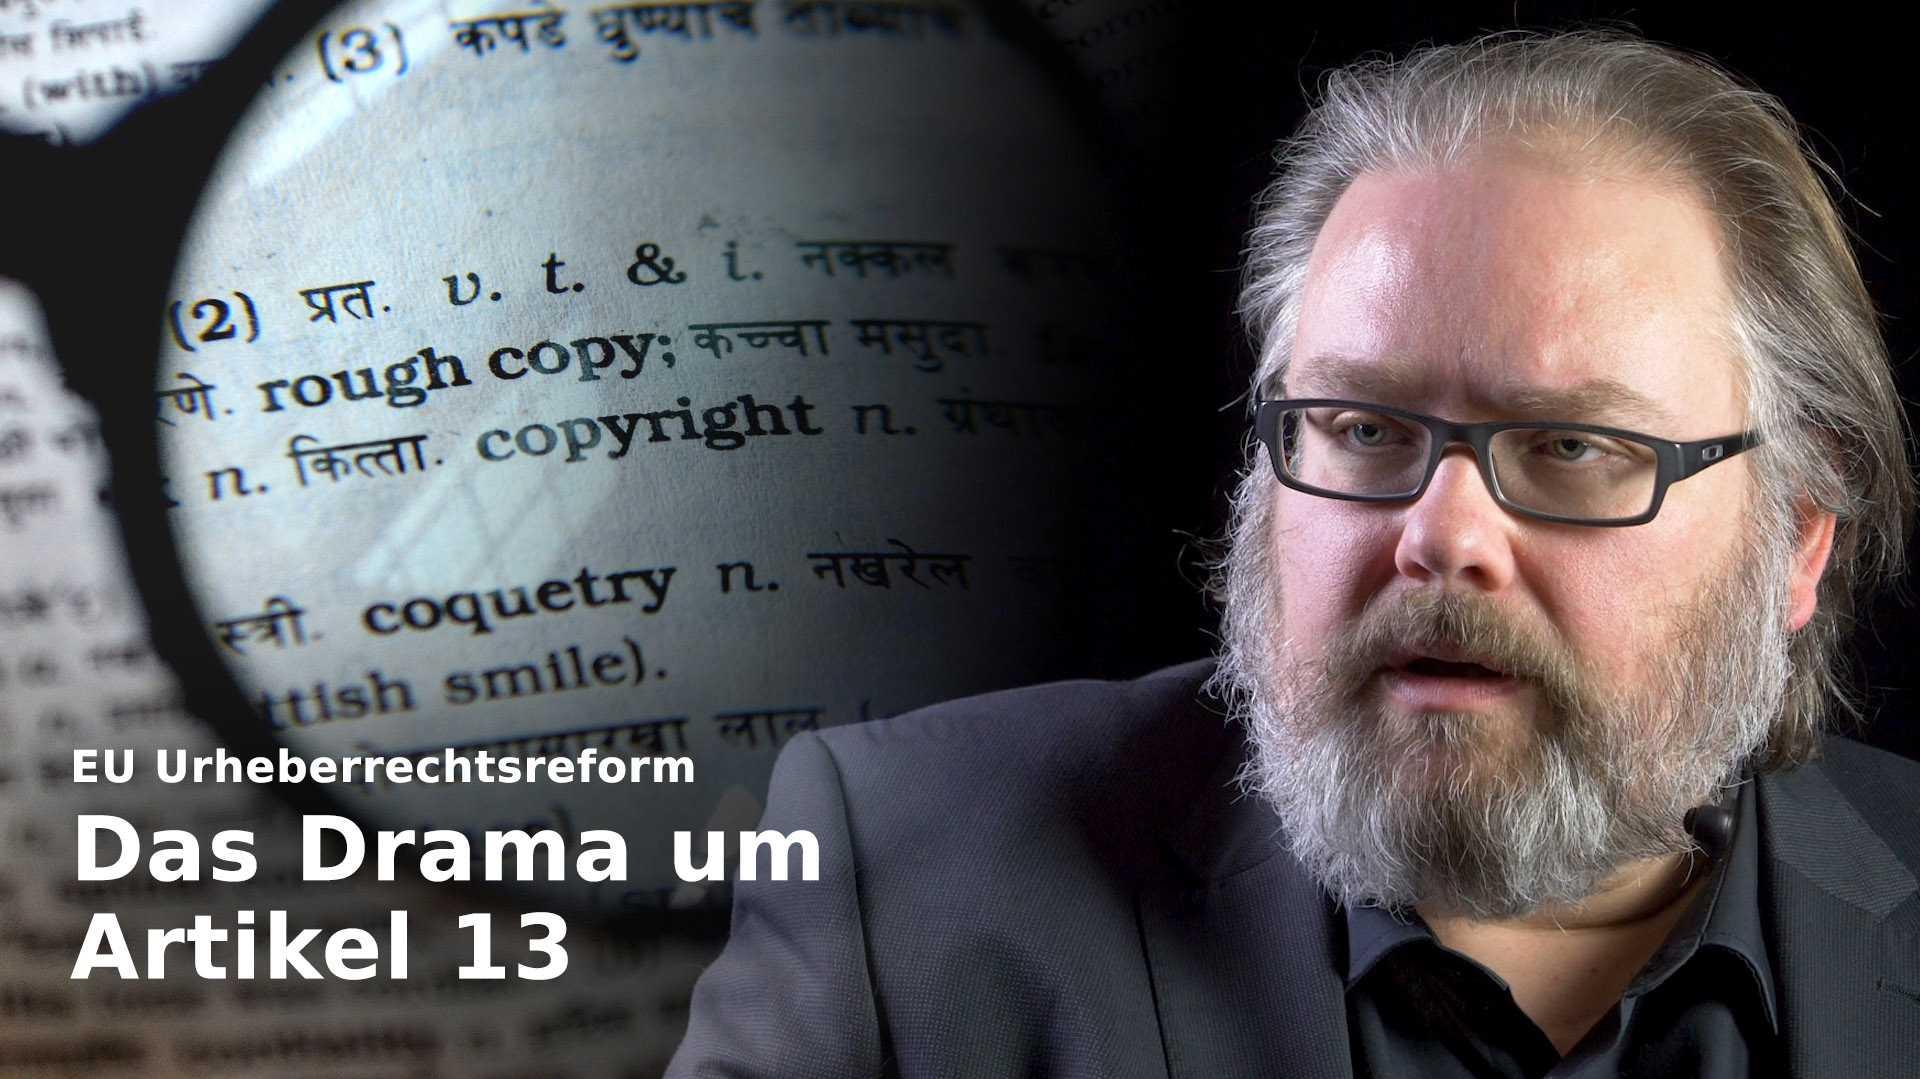 nachgehakt: Die Urheberrechtsreform und der Artikel 13